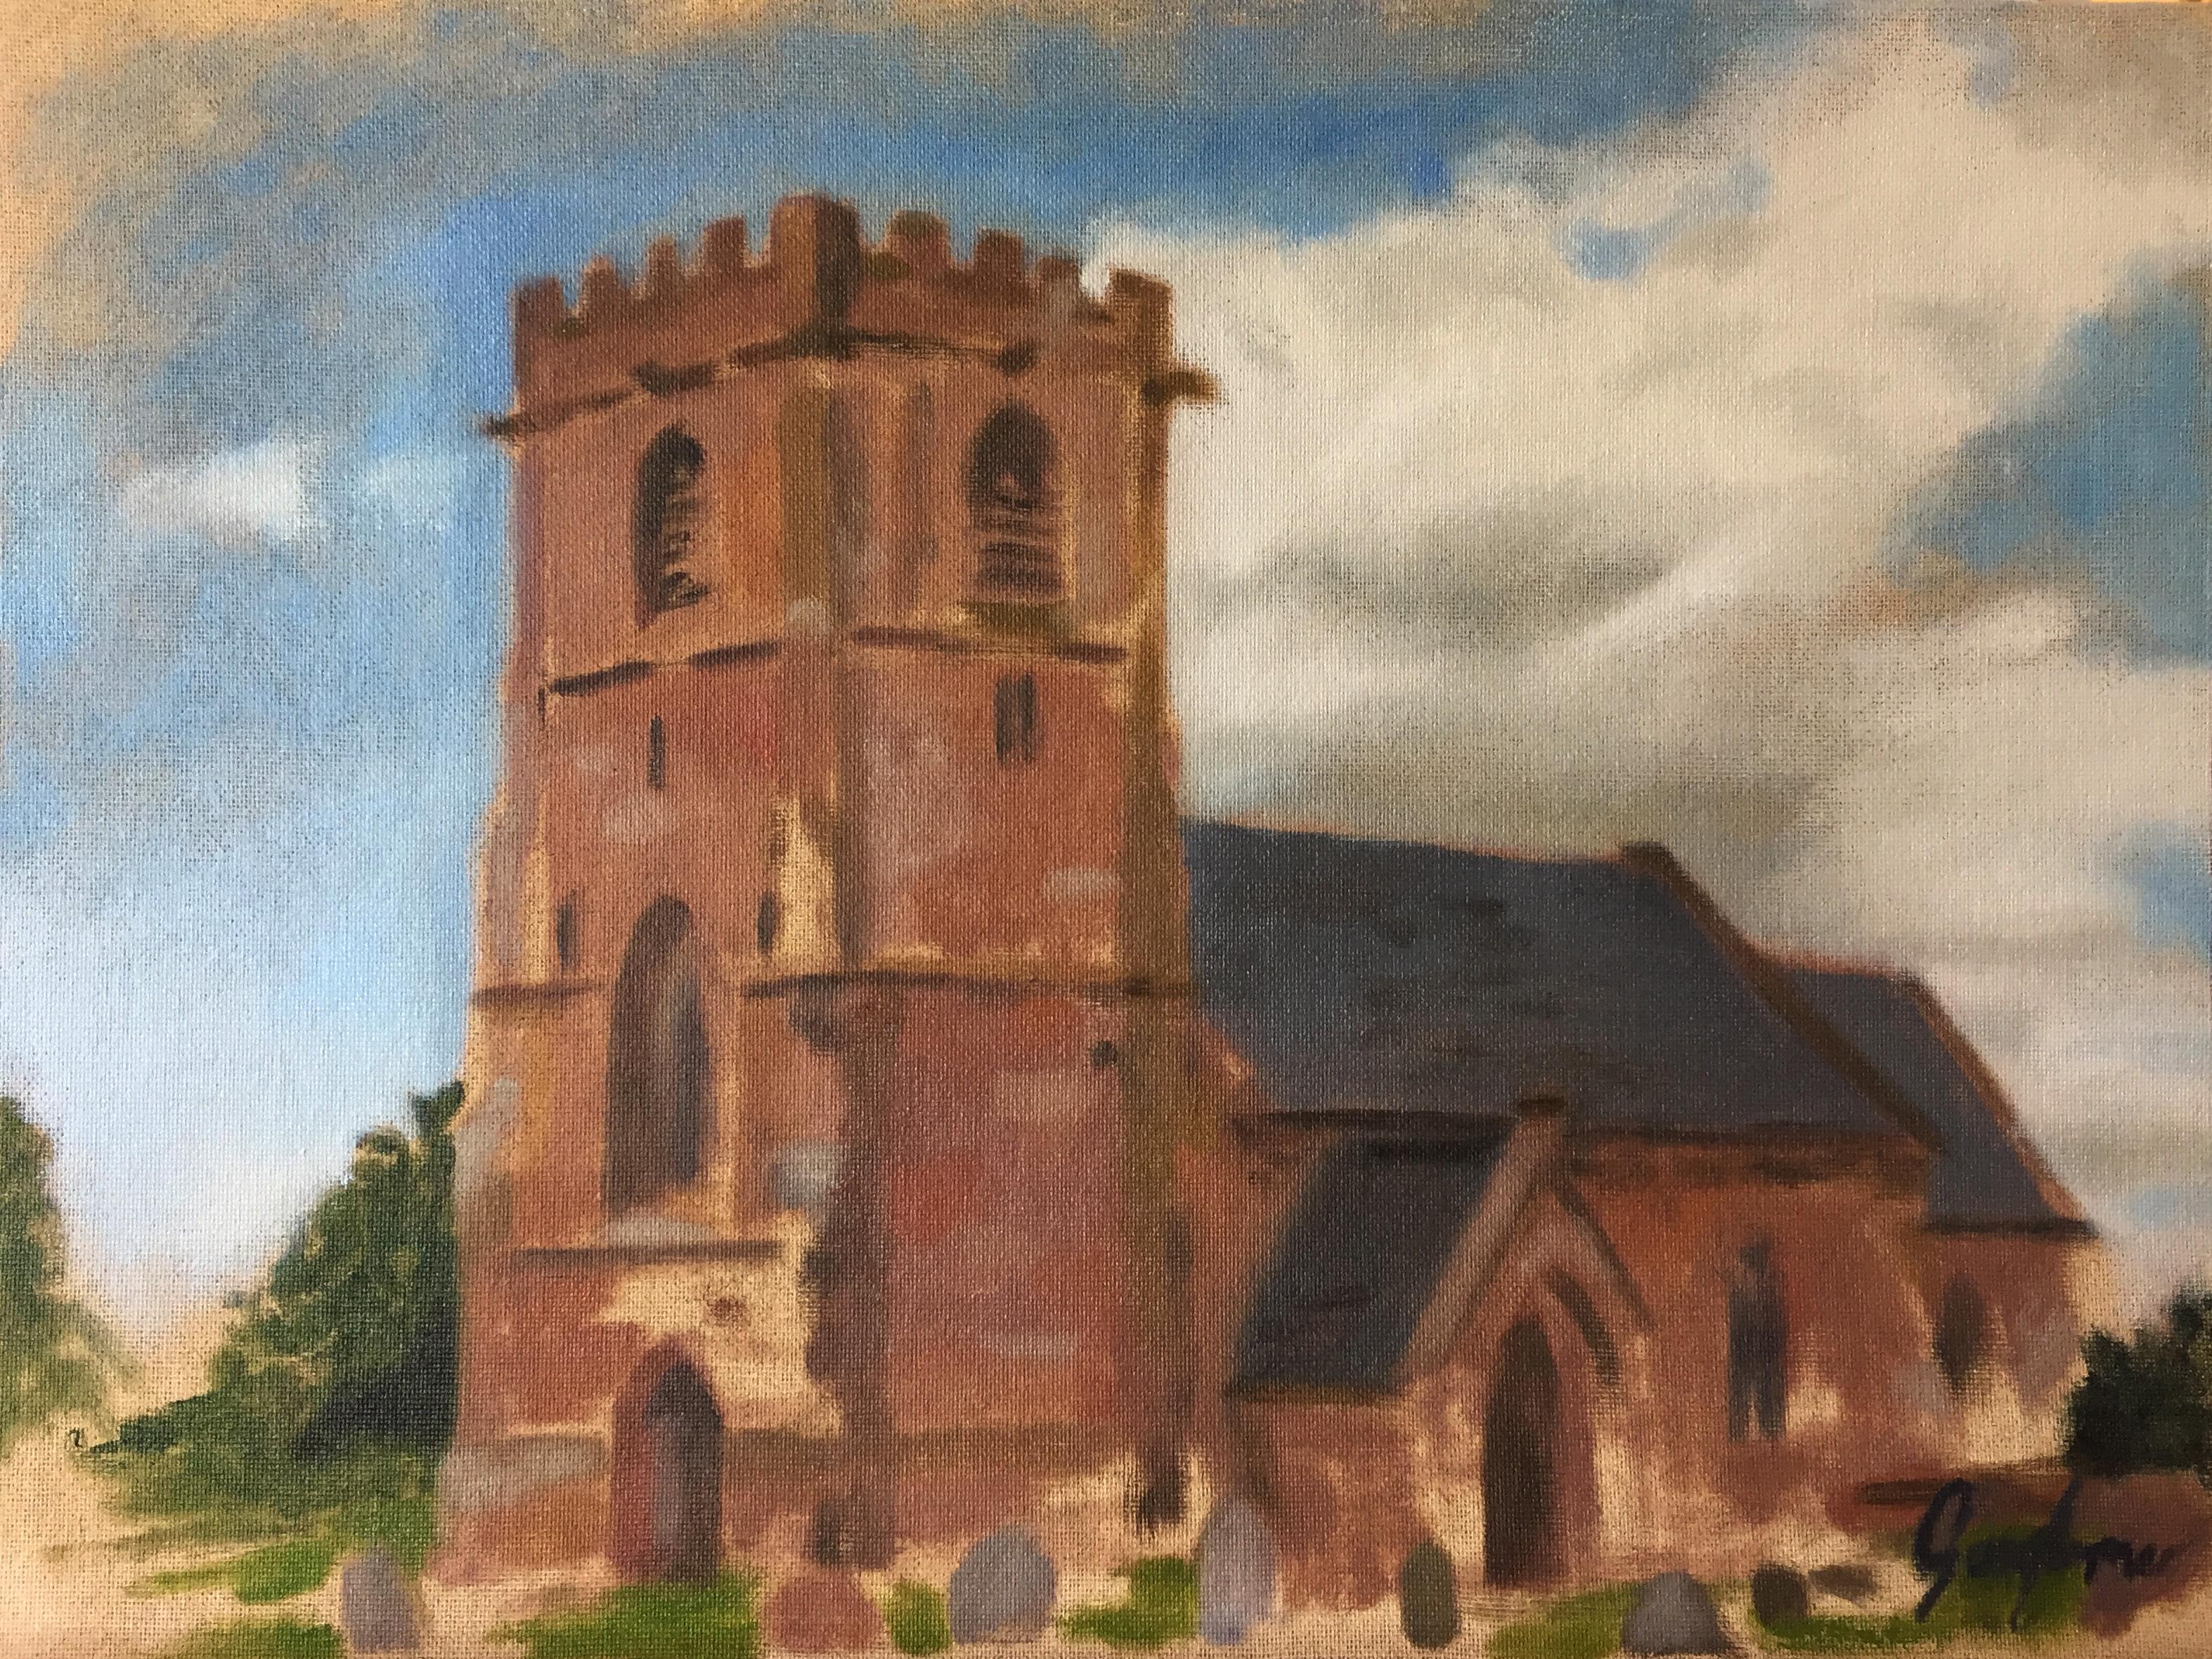 Plein Air Colour Study of Church